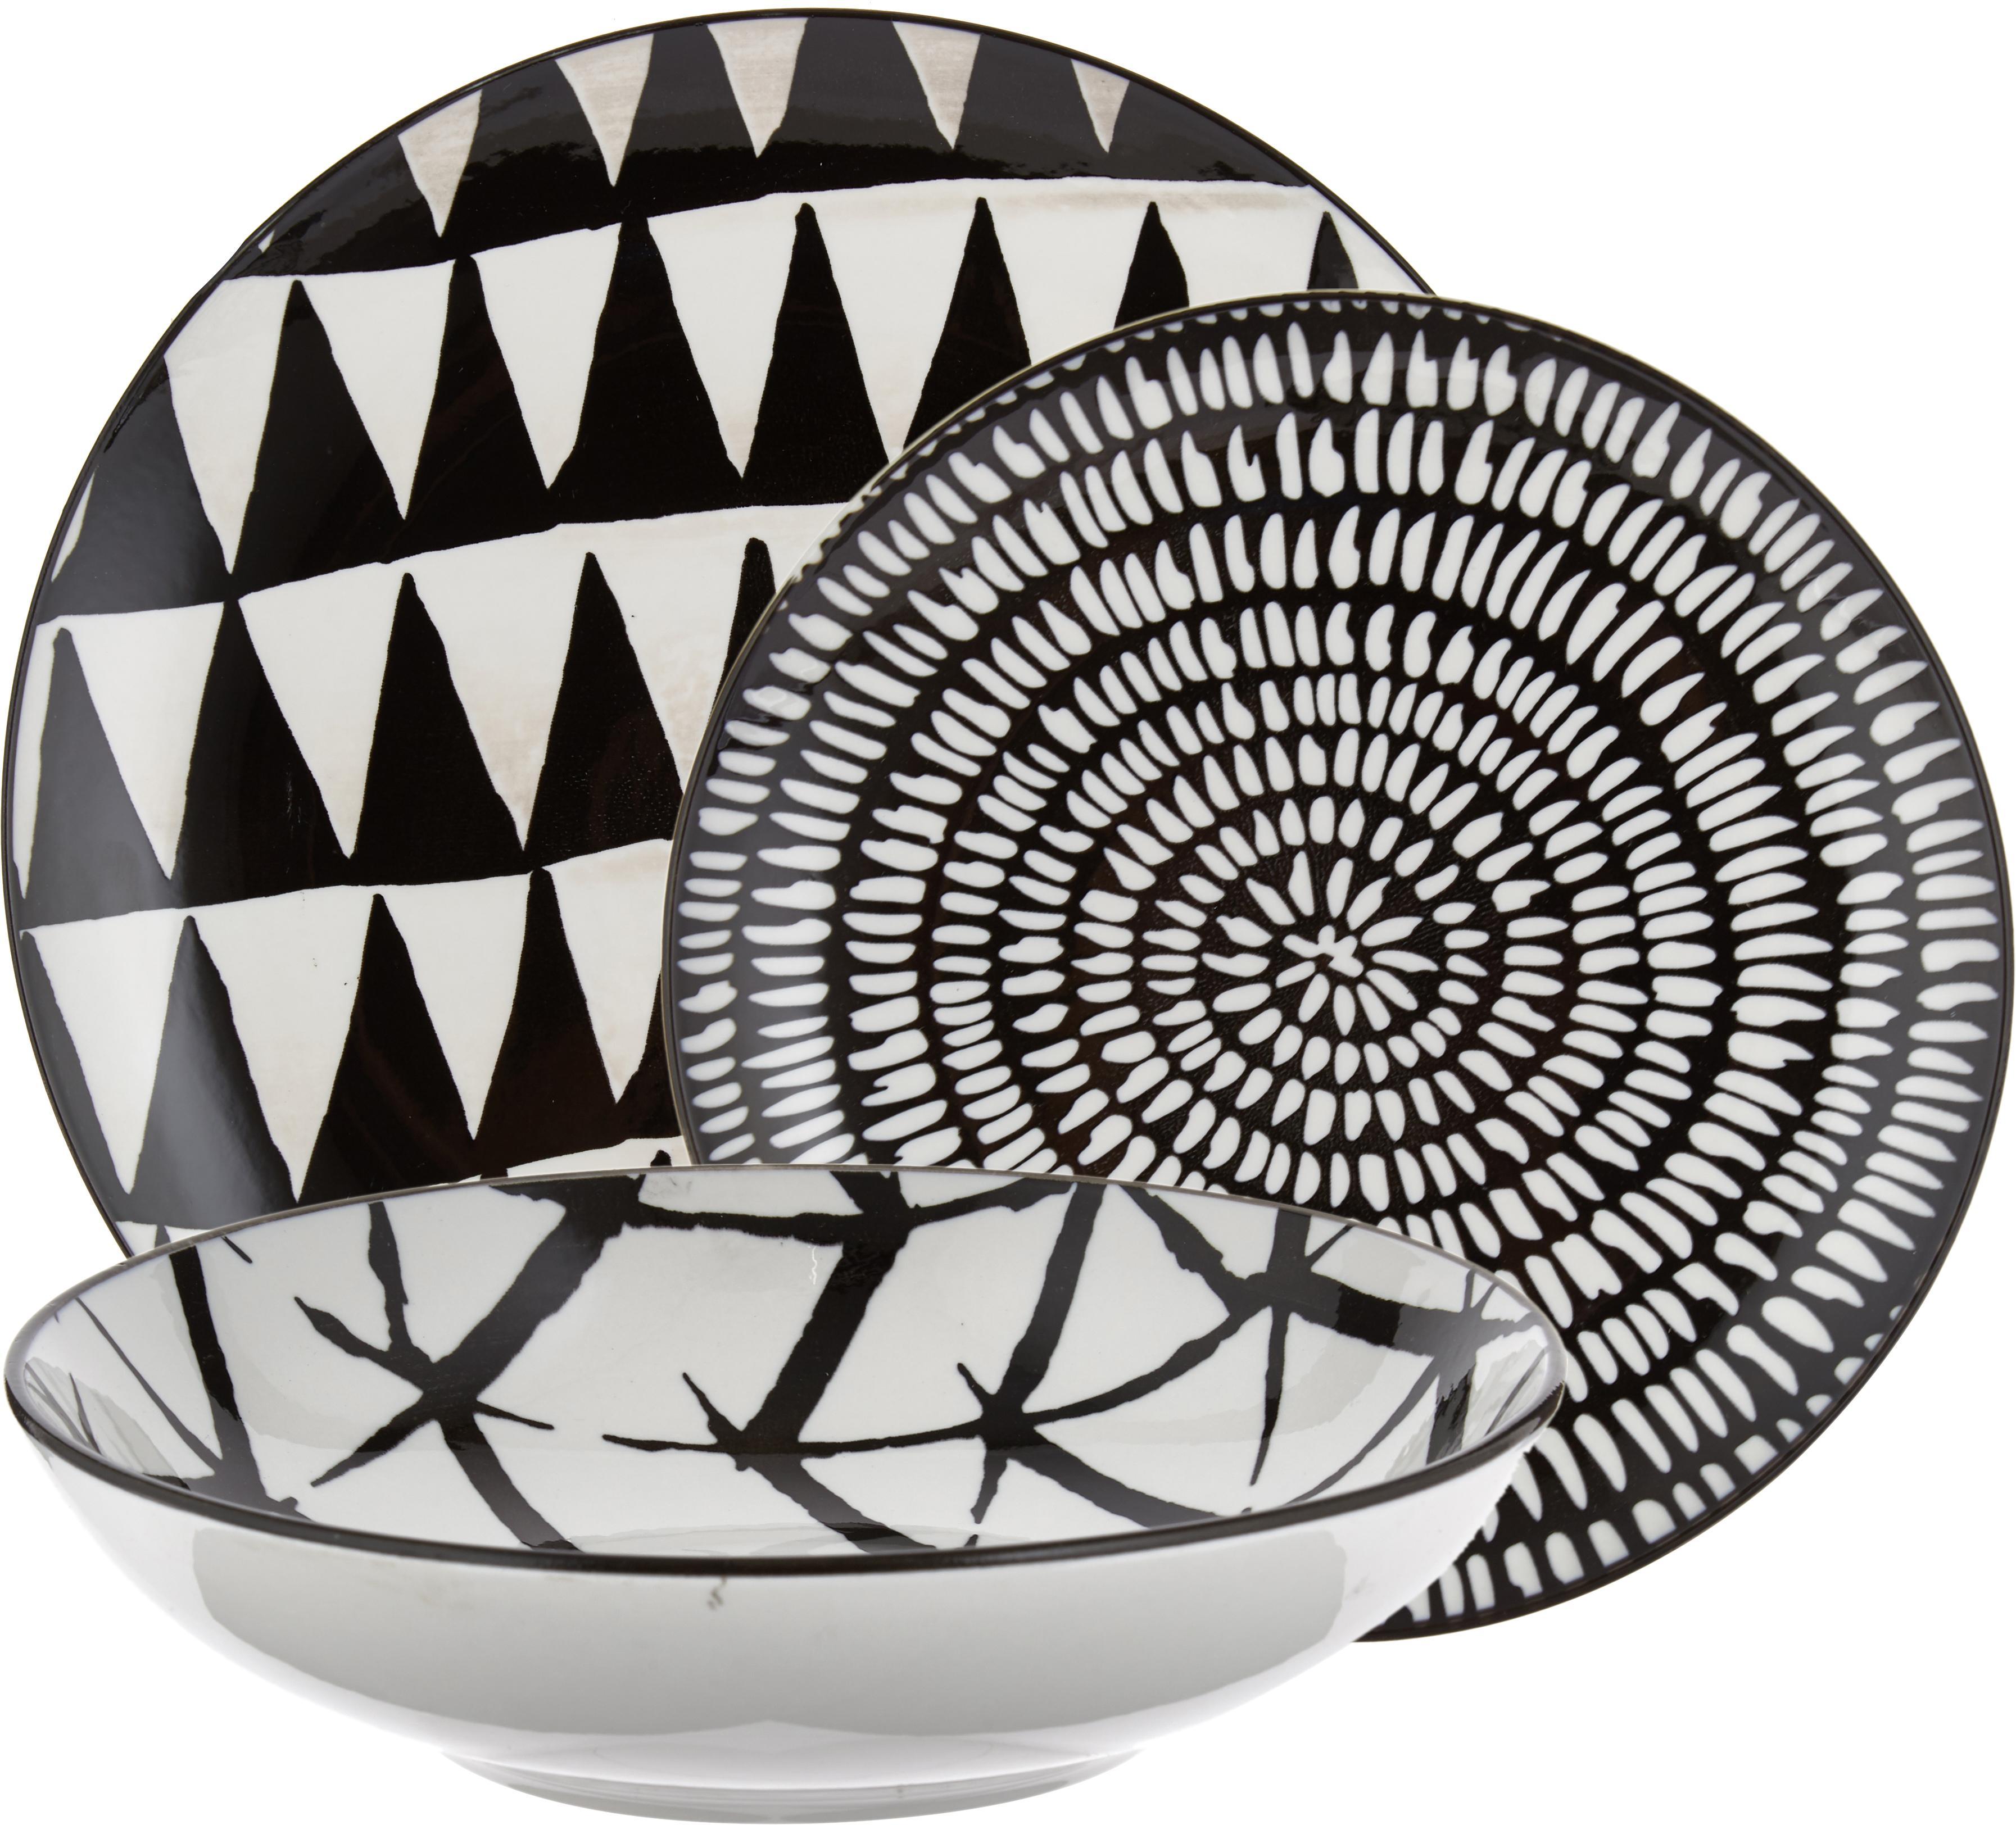 Vajilla Mokala, 6comensales (18pzas.), Porcelana, Negro, blanco, Set de diferentes tamaños